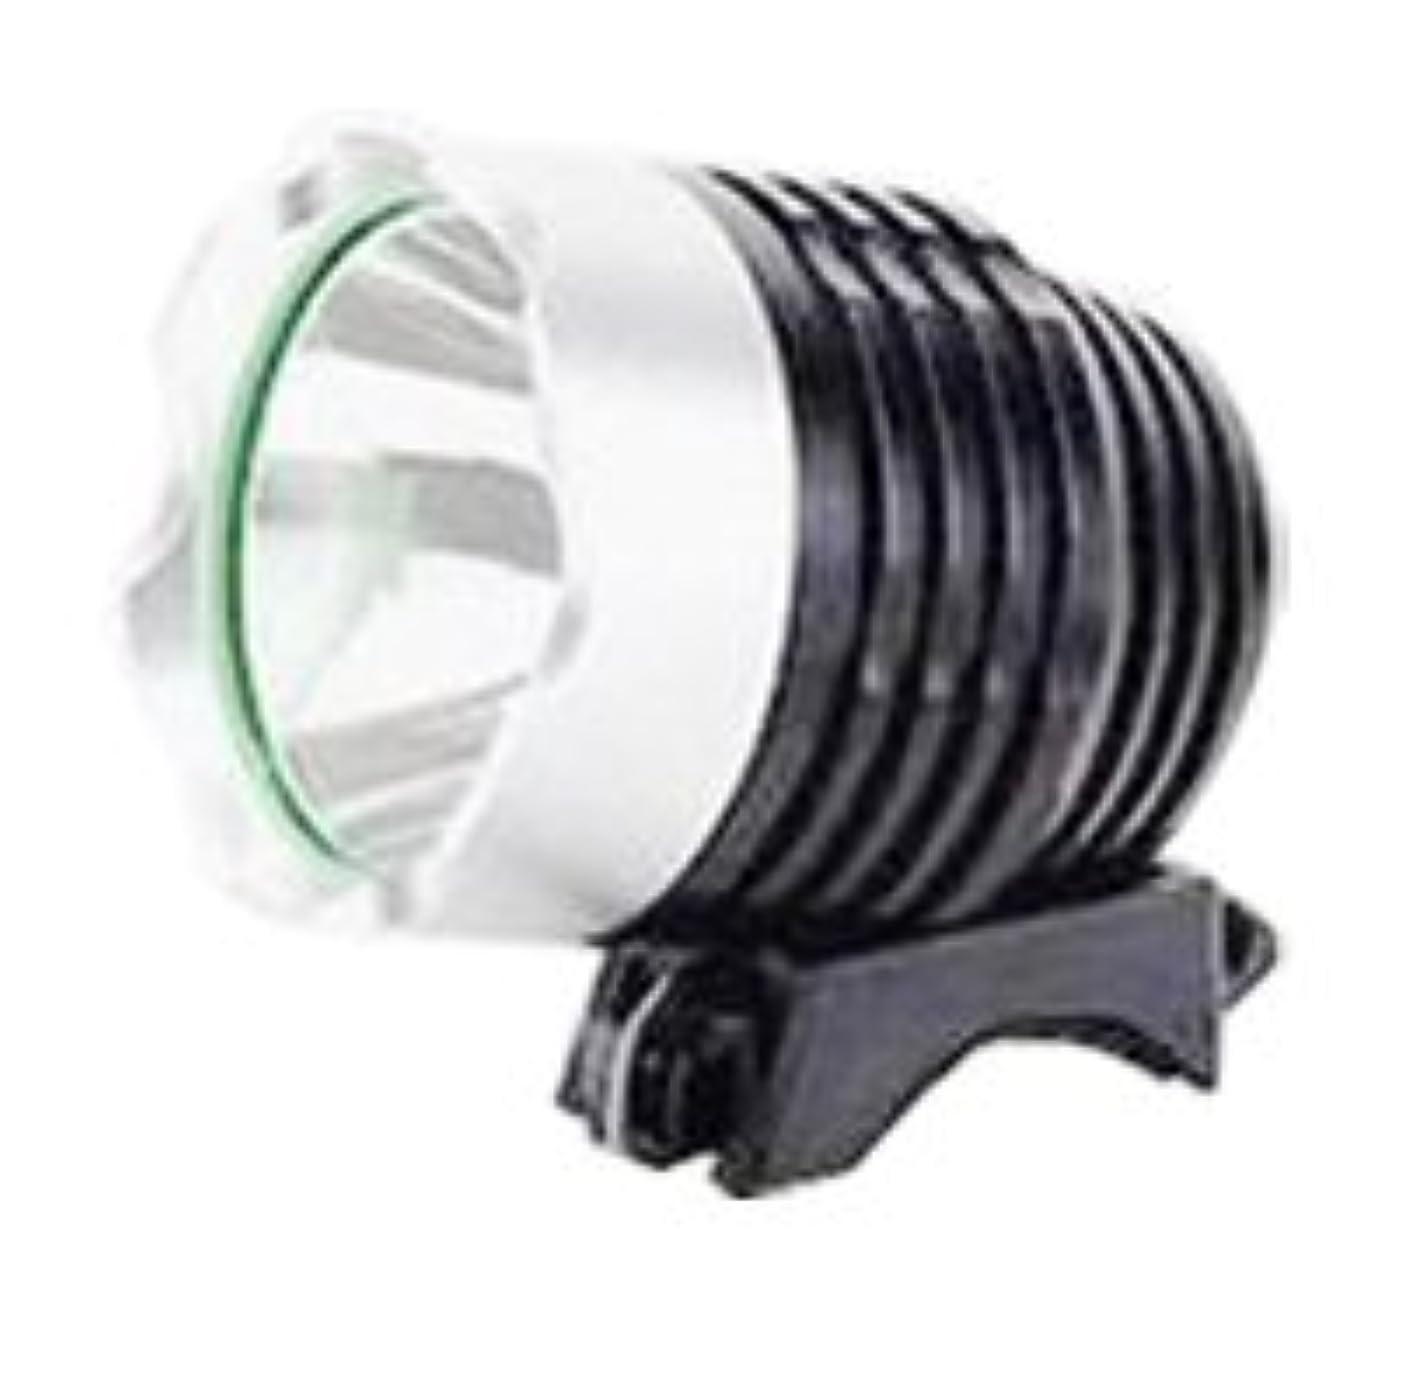 シネマたまに温度計【正規輸入品】SimPretty_HighClass USB電源が使える超強力ライト! 900ルーメン(市販の1200ルーメン相当) XML-T6 超高輝度LED 防水 充電自転車ヘッドライト 自転車ライト+ヘッドライト2in1機能! 明るさは2段階で調節可能! 各種モバイルバッテリー対応! サイクリング?アウトドア?夜釣りなど、夜間の野外活動に最適! 900LM 1200LM moblile battery サイクルヘッドライト USB接続タイプ(グレー)